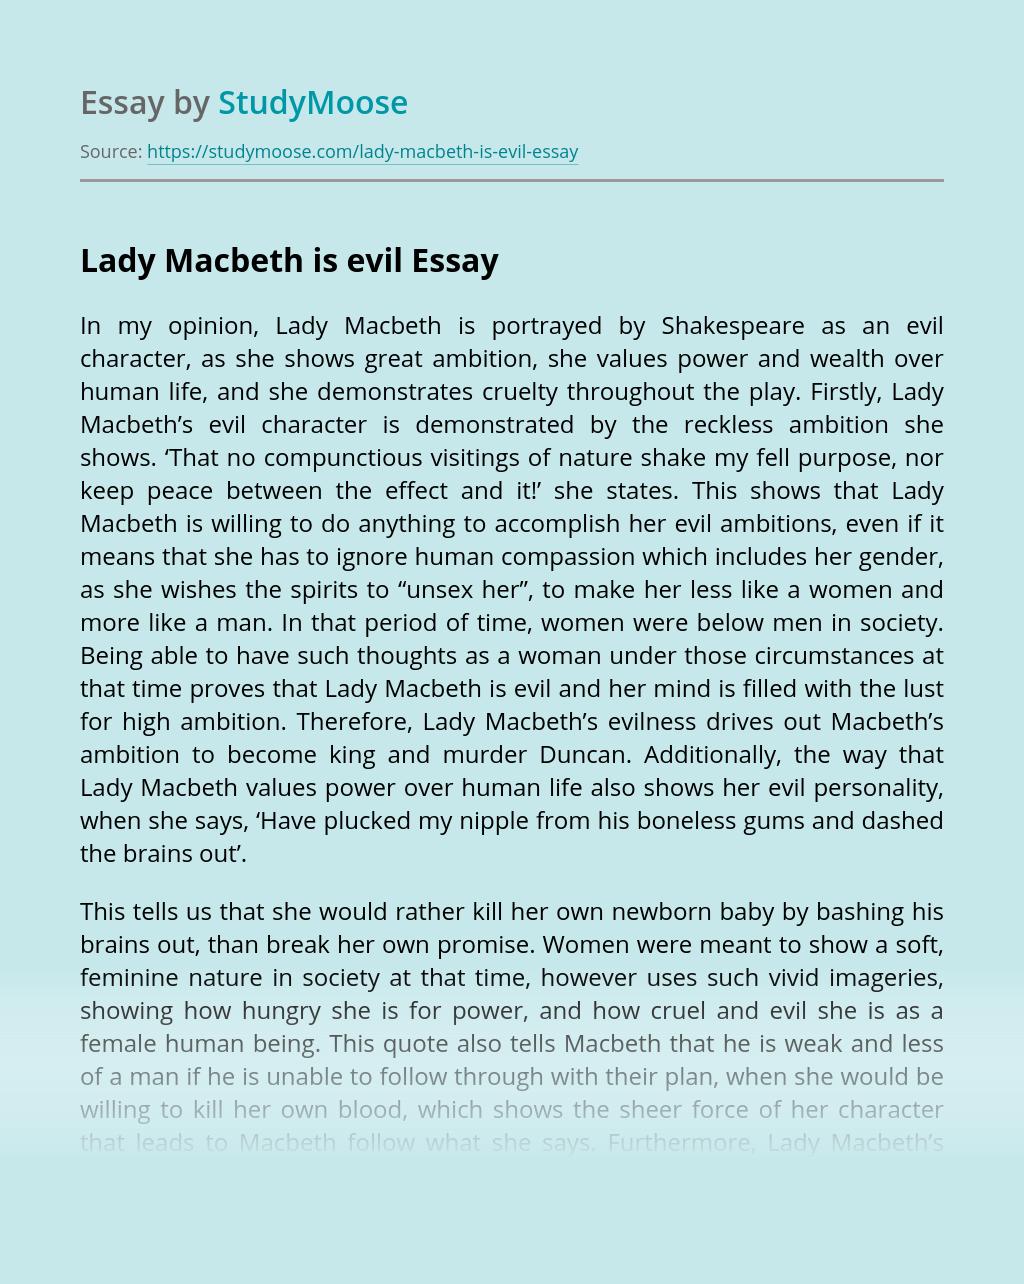 Lady Macbeth is evil